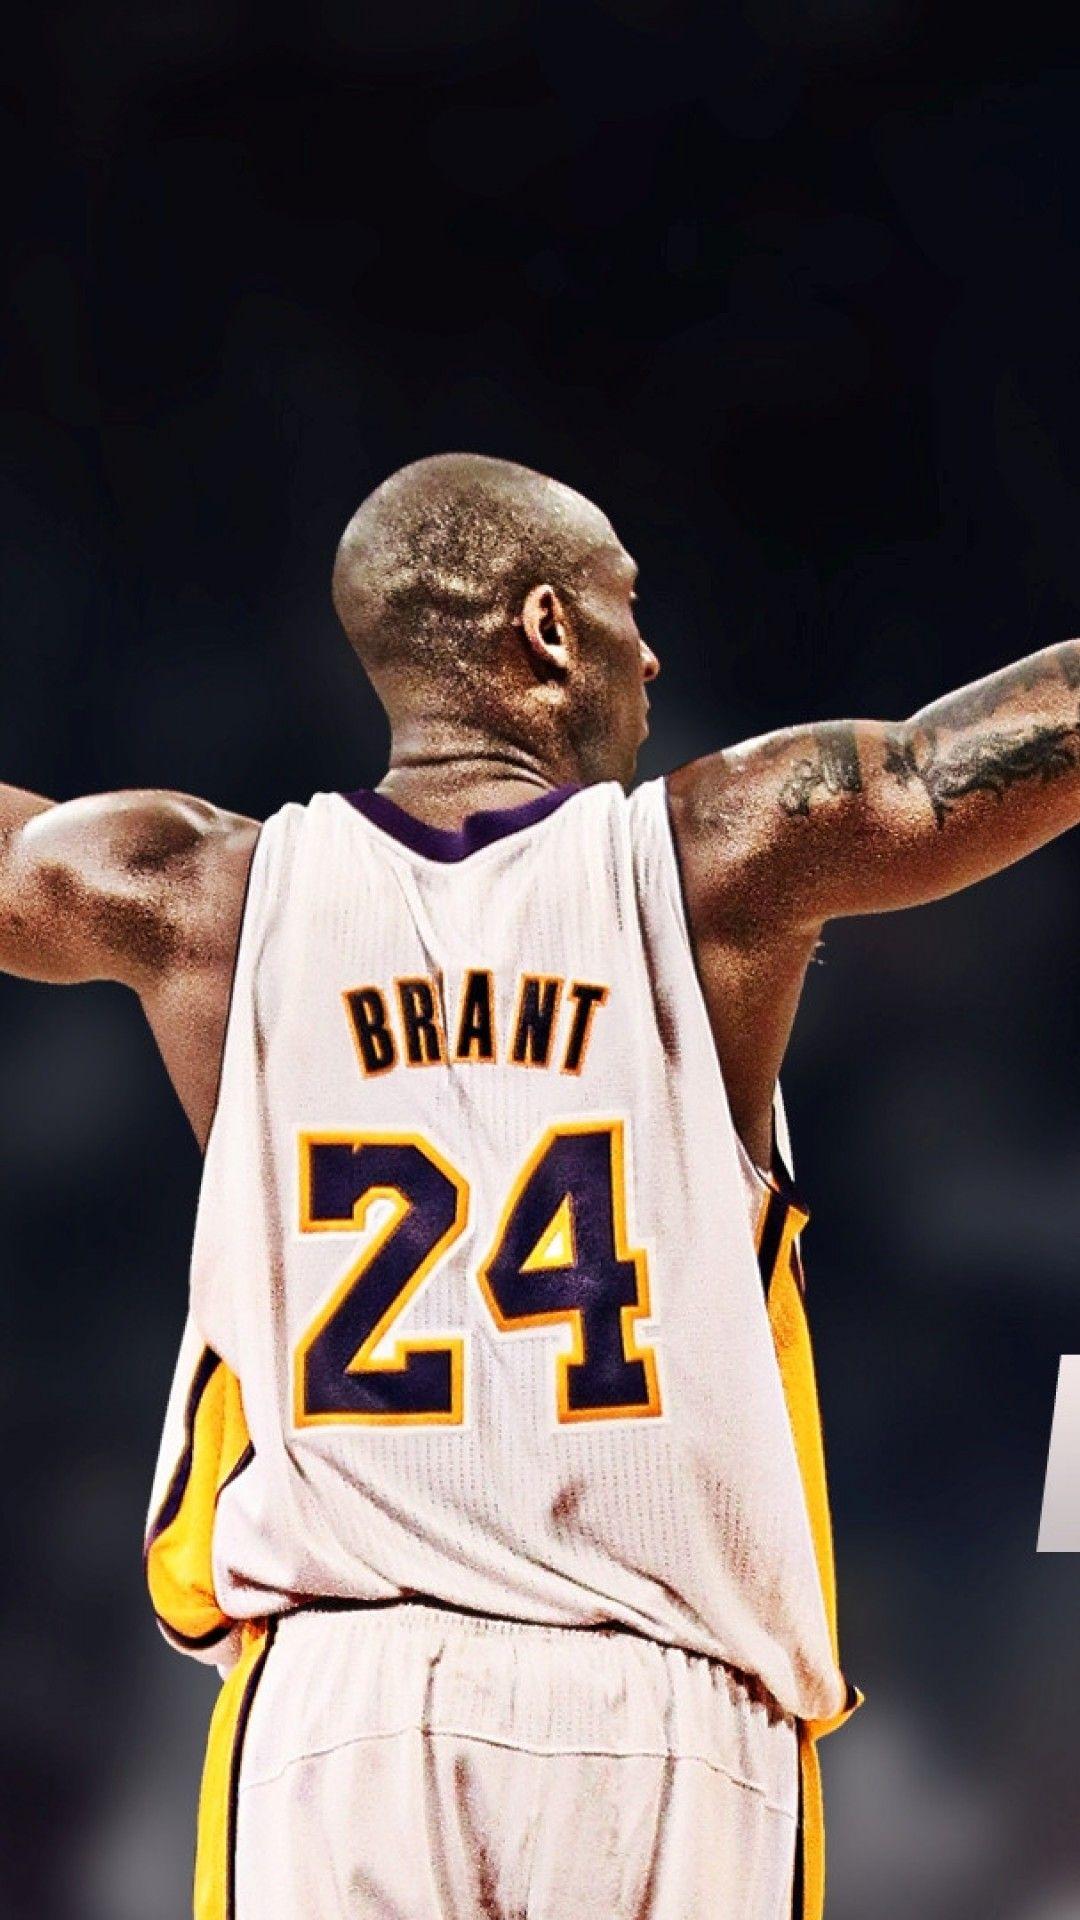 Kobe Bryant Background Kobe Bryant Black Mamba Kobe Bryant Iphone Wallpaper Kobe Bryant Family